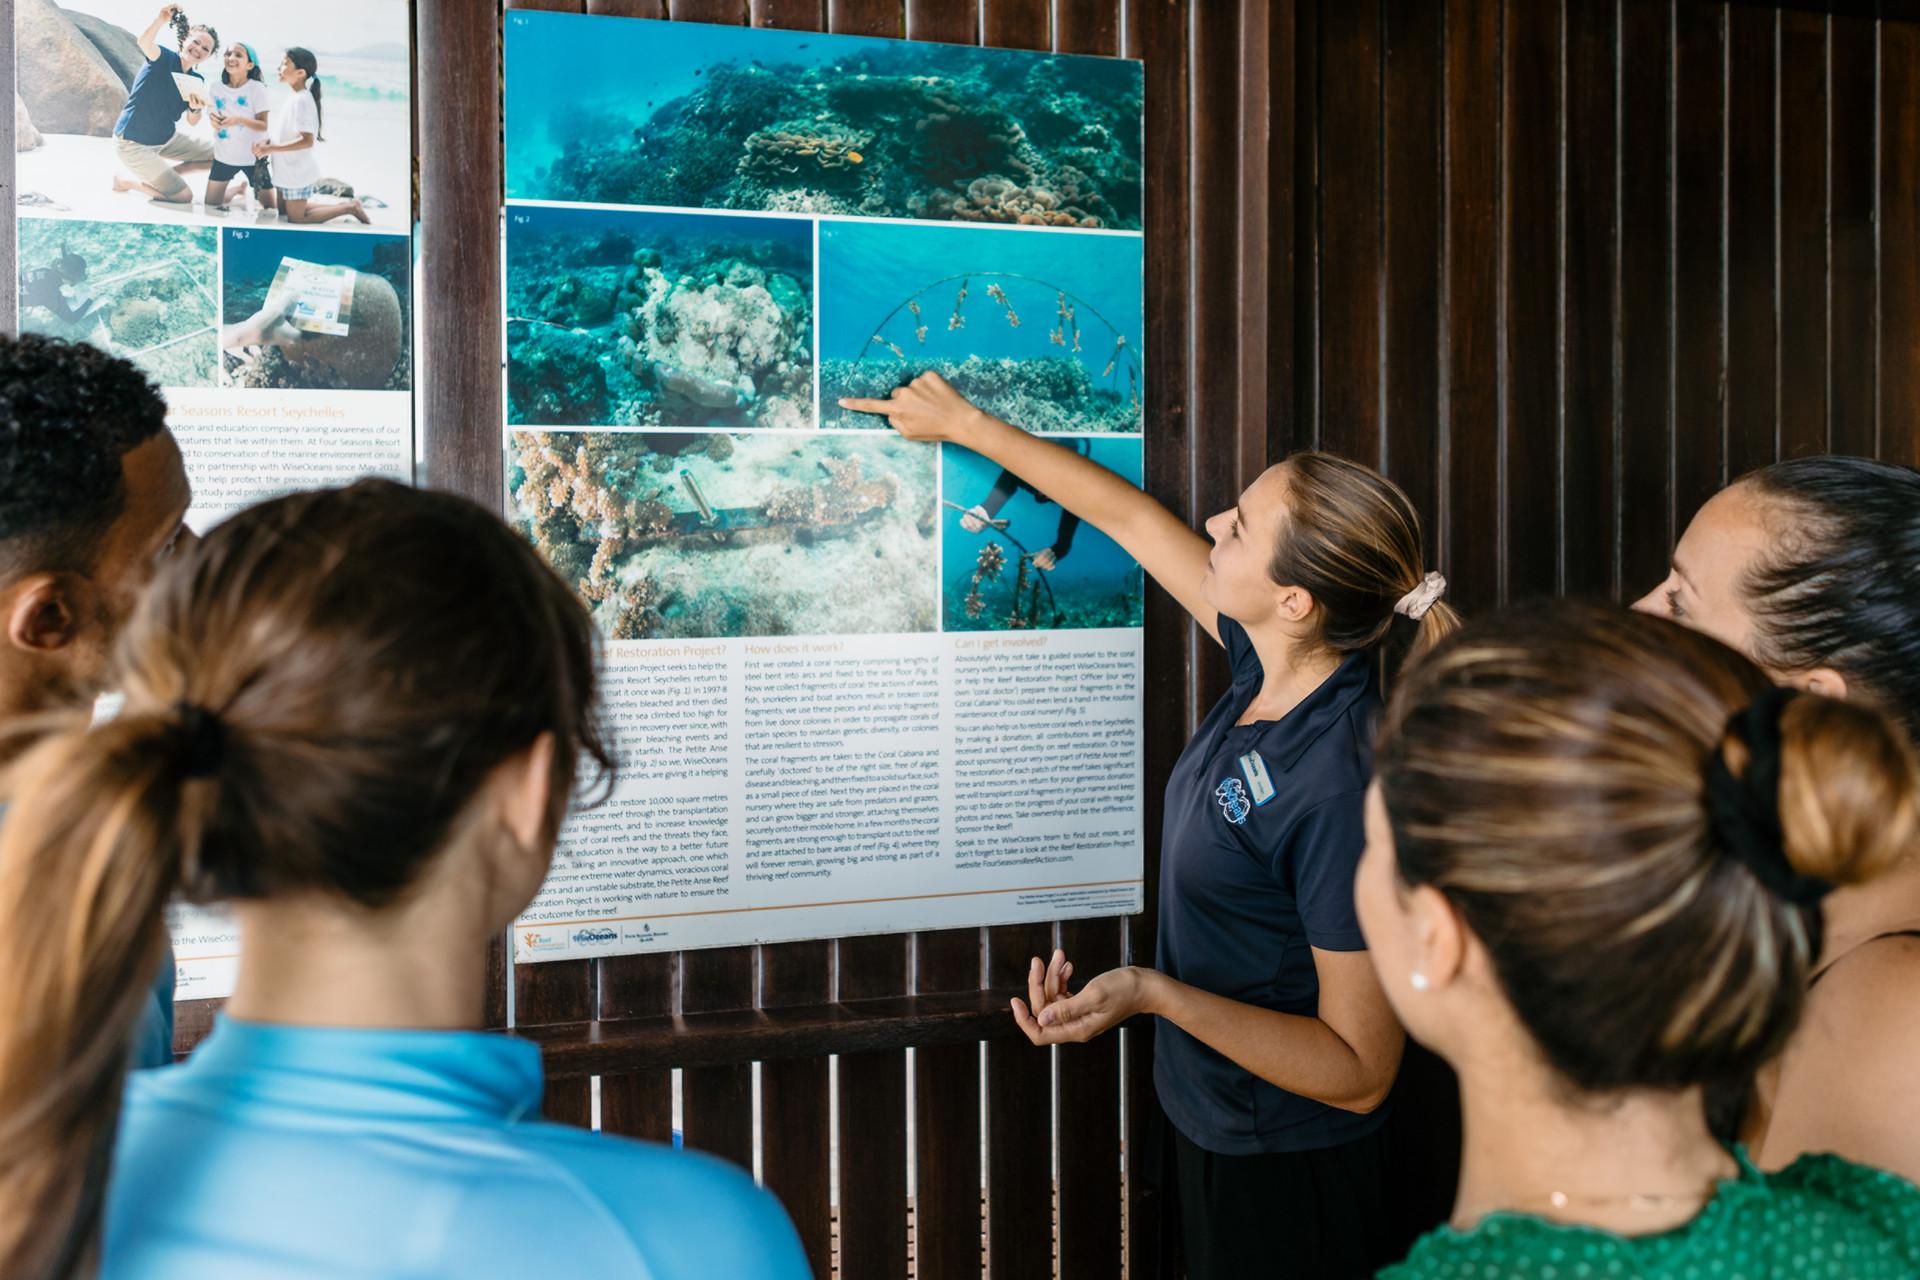 Ознакомьтесь с морской жизнью Сейшельских островов в центре Coral Cabana. Вам расскажут про программы по сохранению уникальной природы островов, проведут уроки снорклинга и тематические экскурсии.